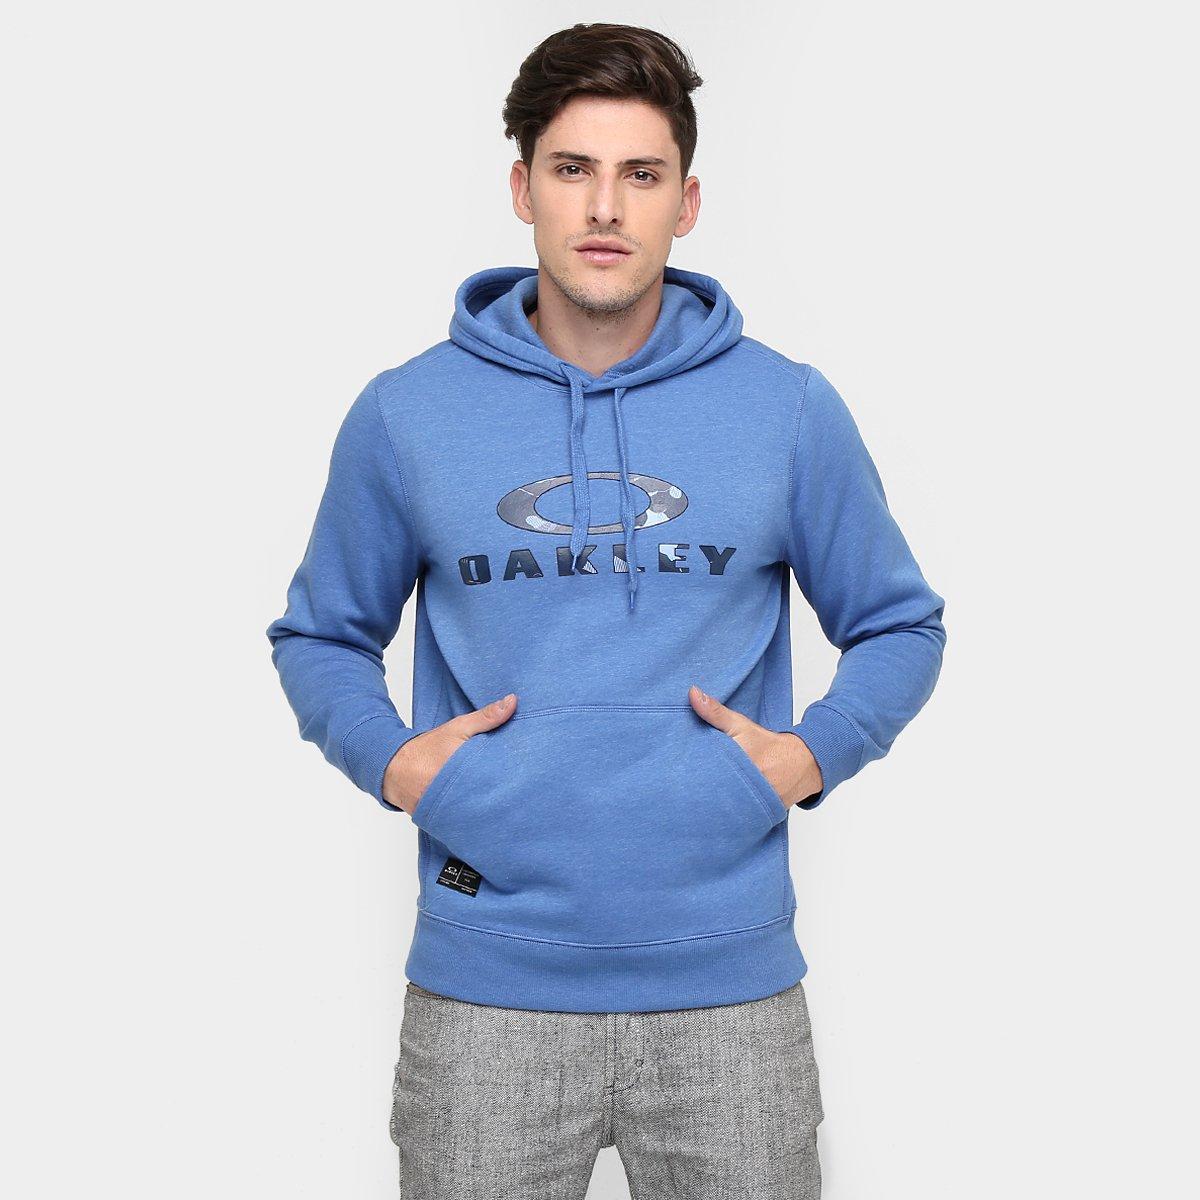 ebdc342619 Blusa Oakley Front Side Pullover Fleece Masculina - Compre Agora ...